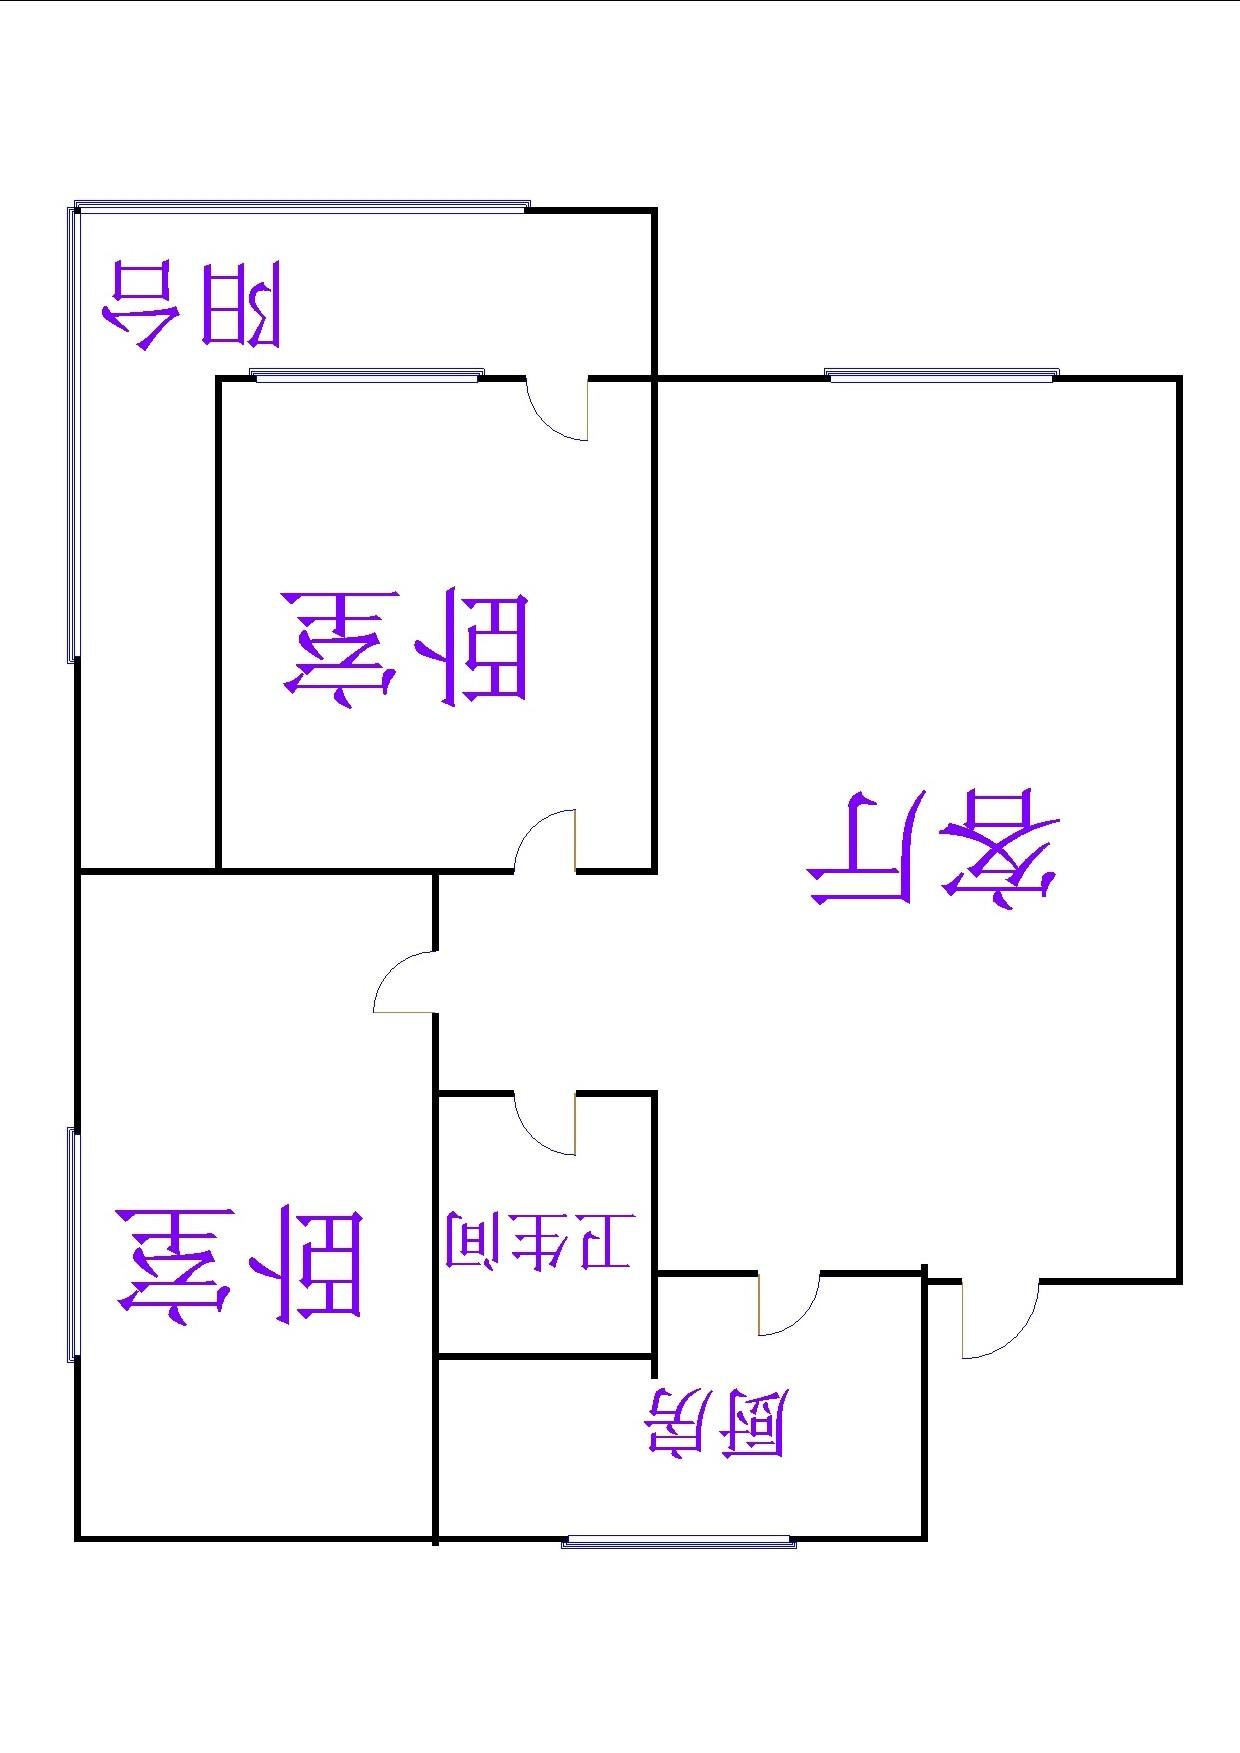 建兴小区南 2室1厅 双证齐全过五年 精装 62万